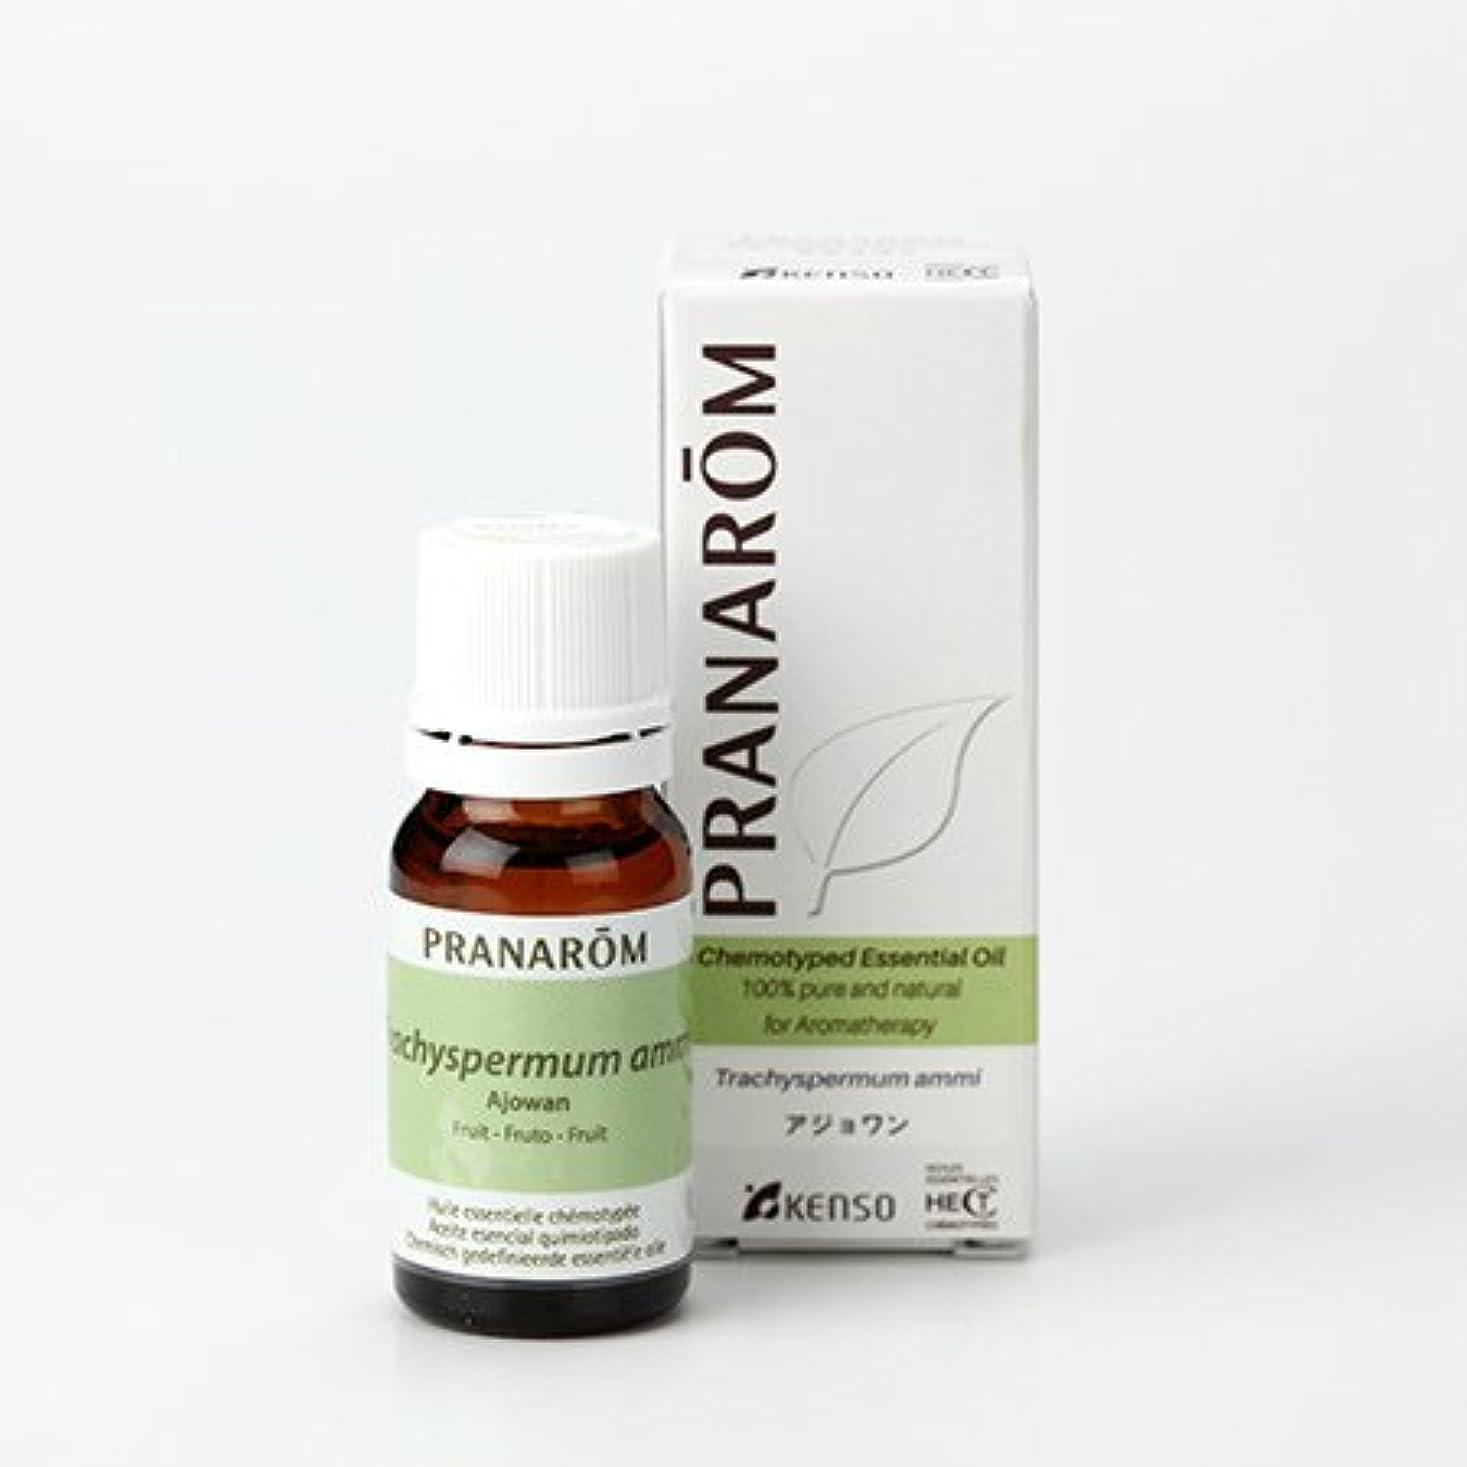 シャイニング求める横プラナロム アジョワン 10ml (PRANAROM ケモタイプ精油)